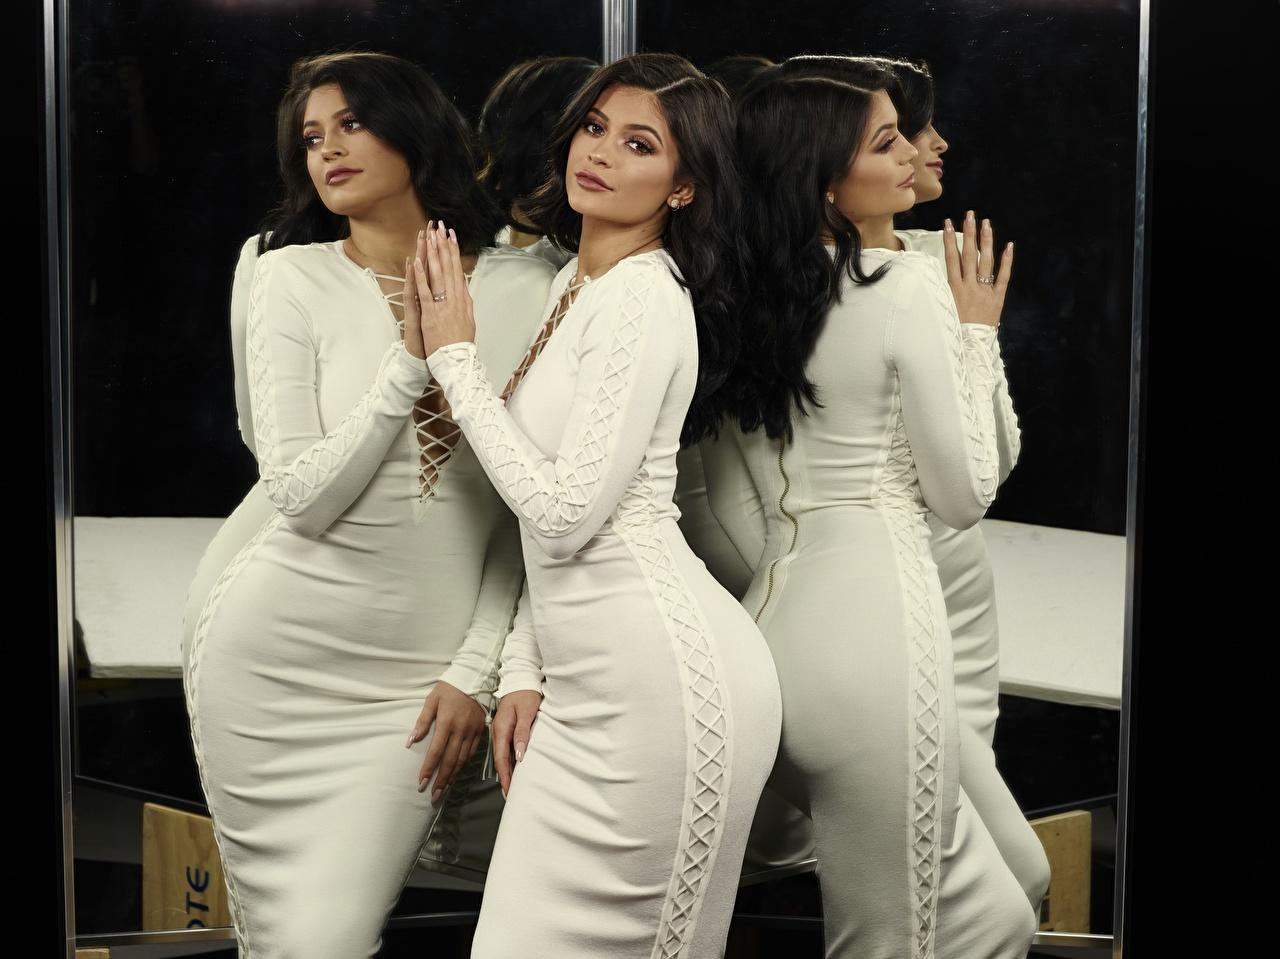 Обои для рабочего стола брюнетки Kylie Jenner Поза девушка отражается Руки смотрят Знаменитости платья Брюнетка брюнеток позирует Девушки молодая женщина молодые женщины отражении Отражение рука Взгляд смотрит Платье